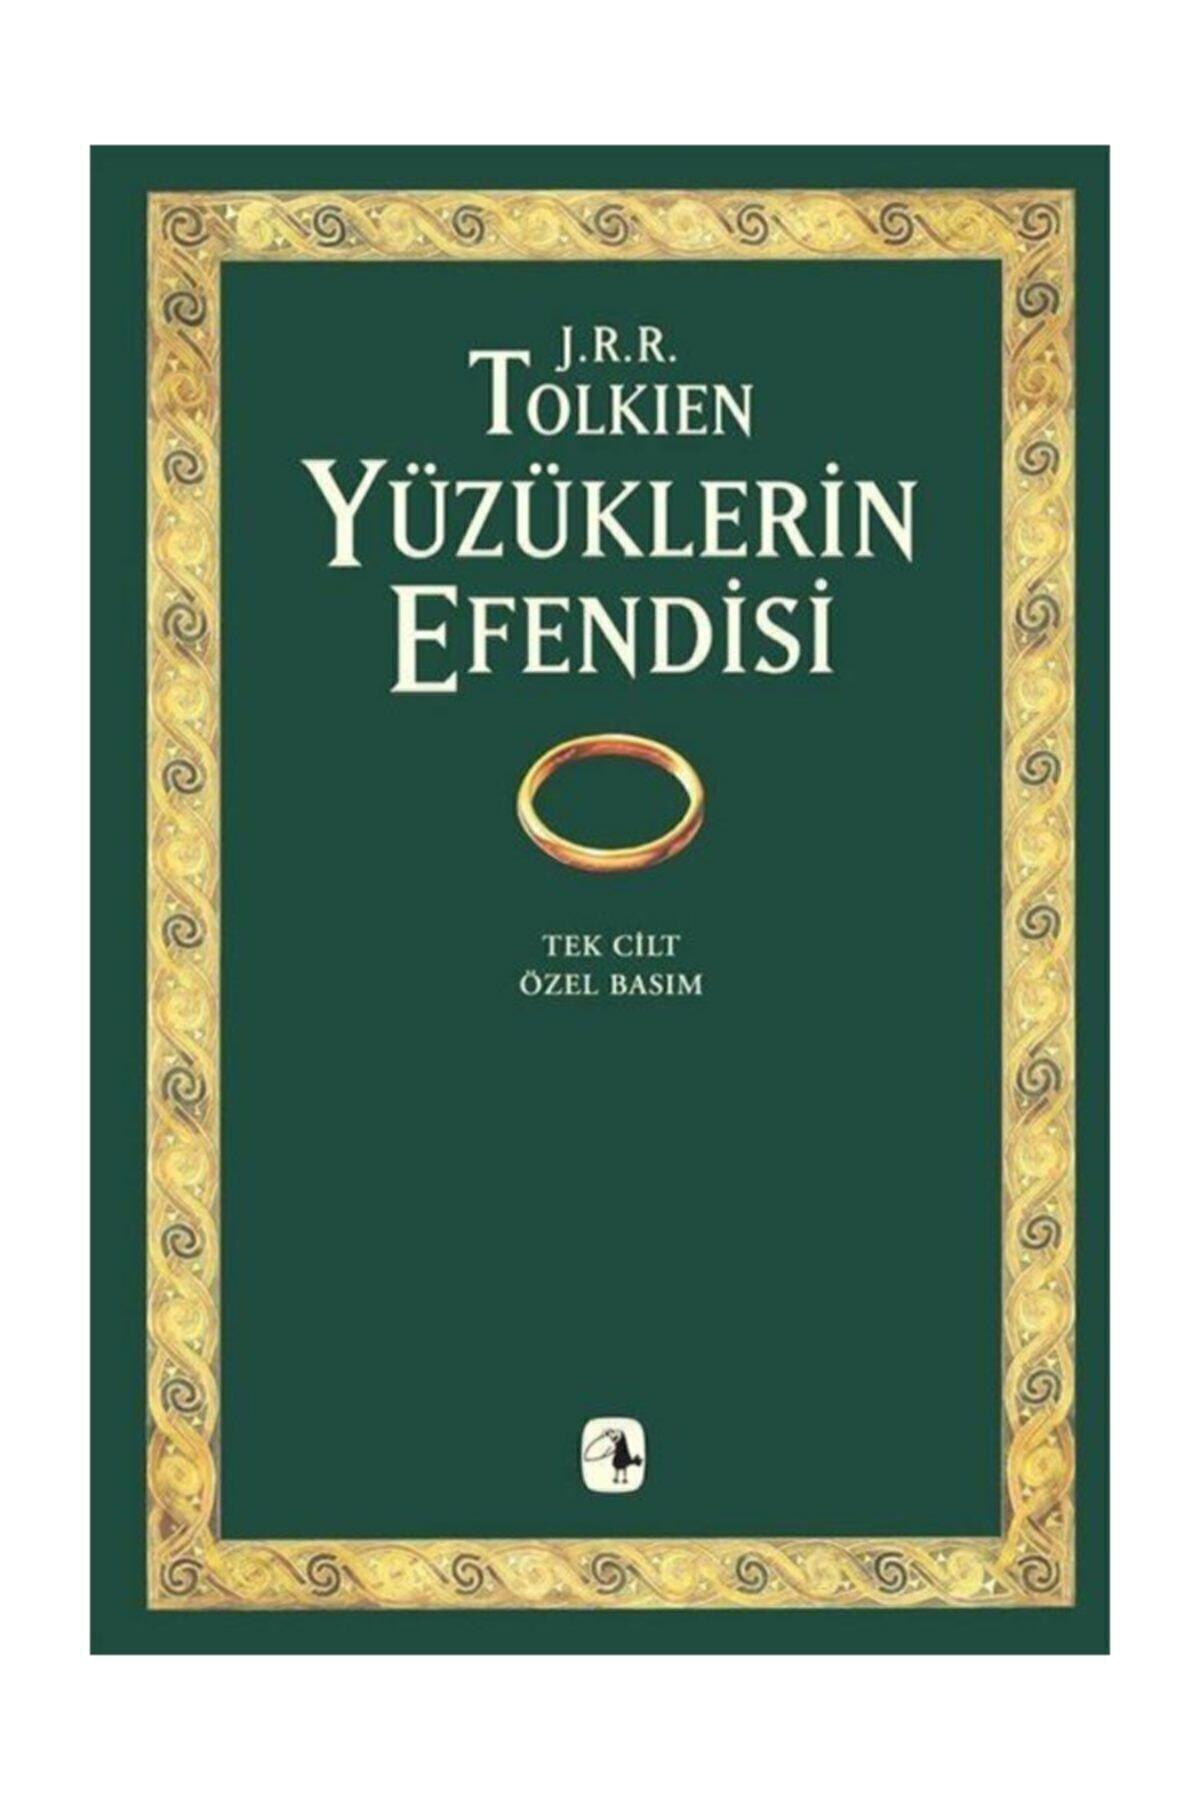 Yüzüklerin Efendisi Tek Cilt Özel Basım - J. R. R. Tolkien 9789753423472